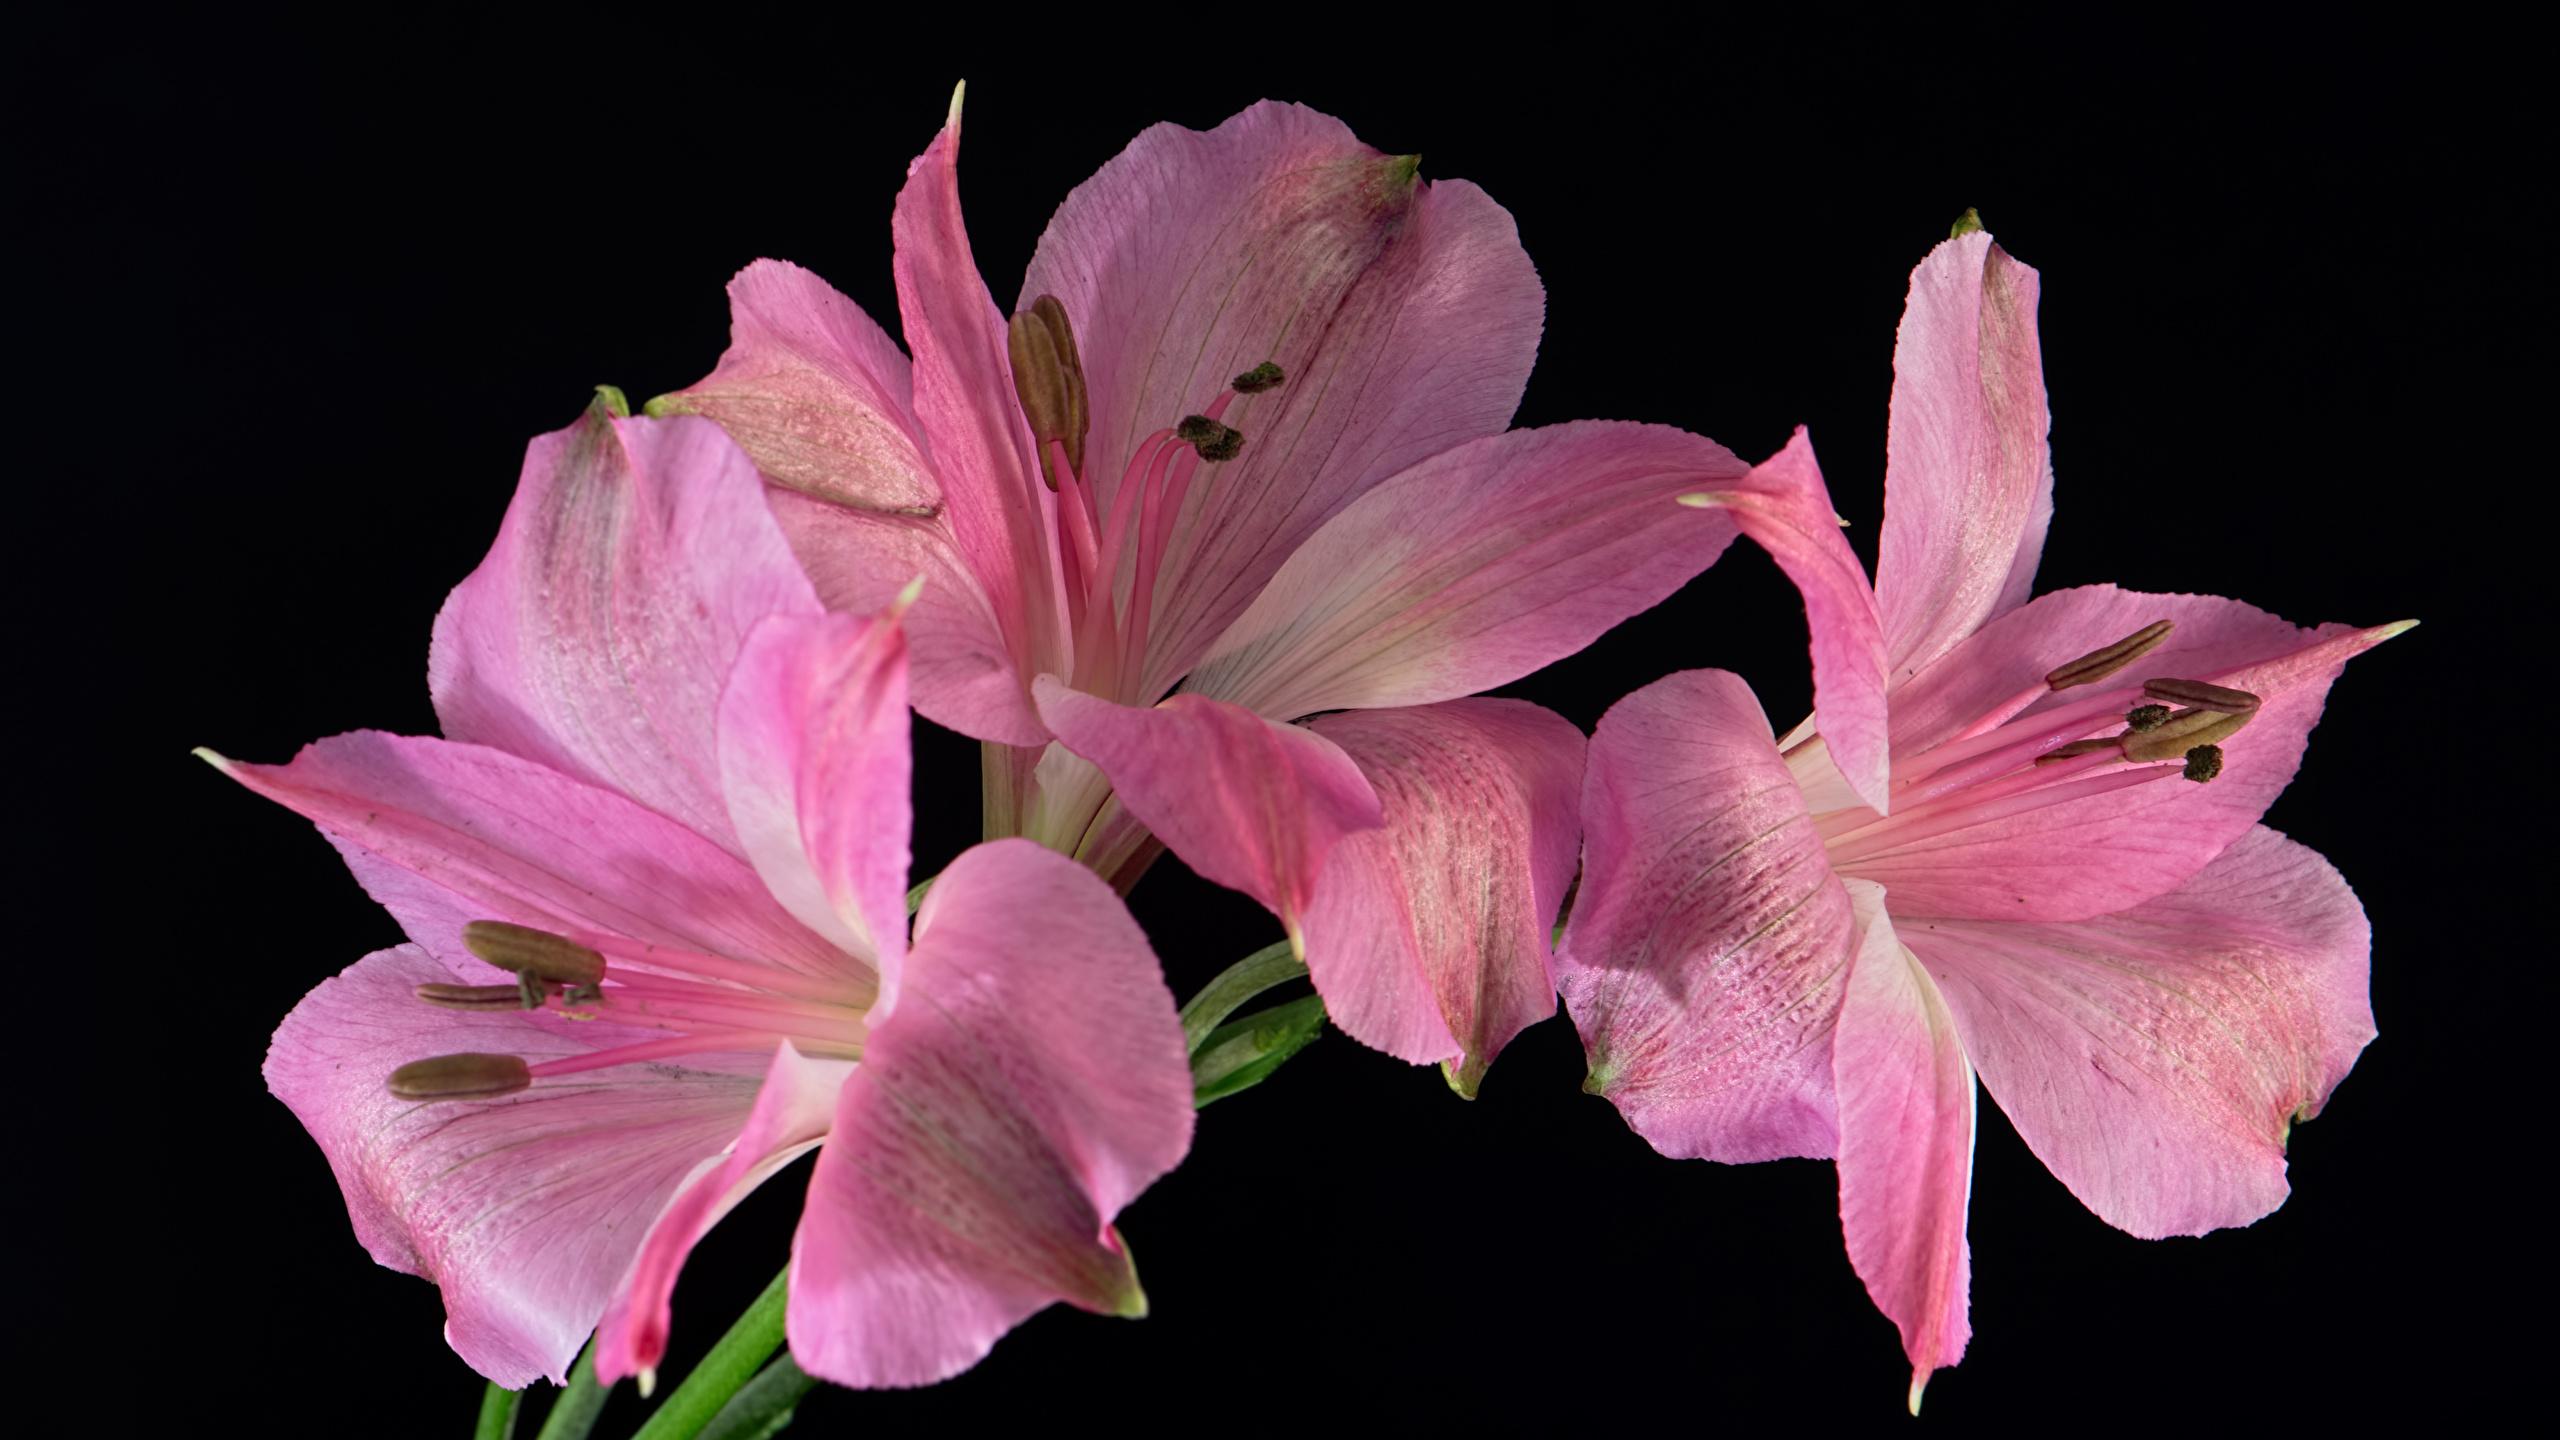 Fotos Rosa Farbe Blumen Alstroemeria Nahaufnahme Schwarzer Hintergrund 2560x1440 Blüte Inkalilien hautnah Großansicht